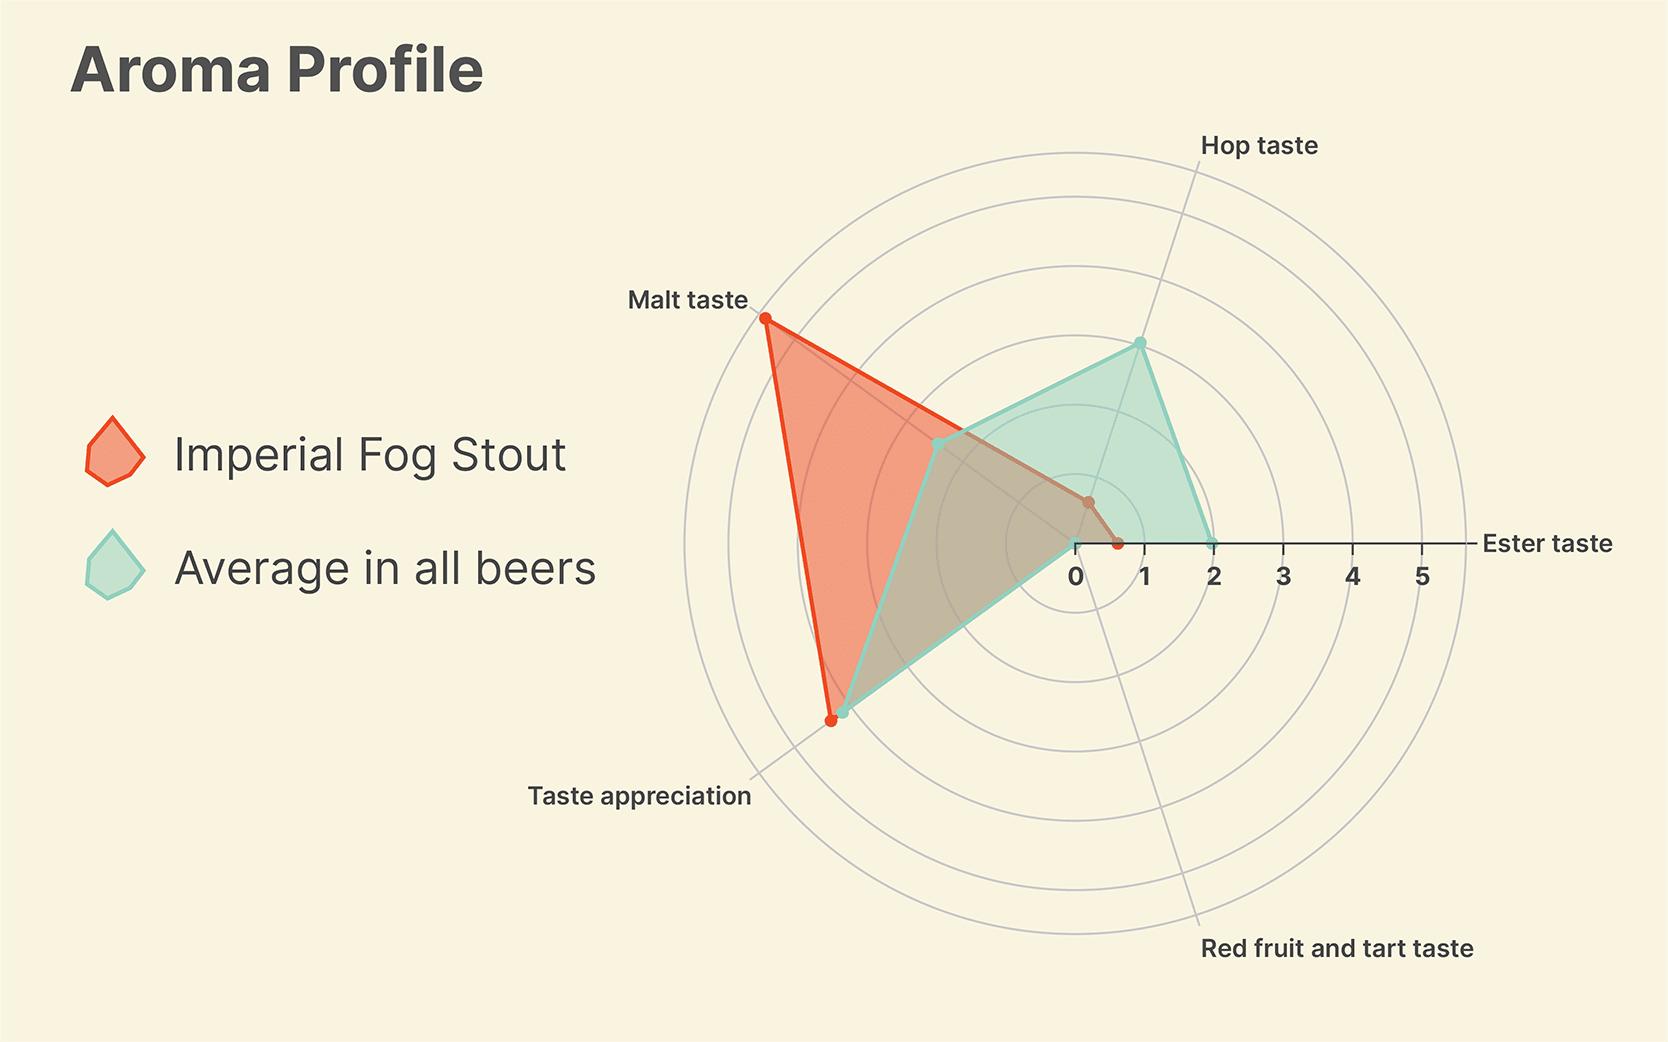 Aroma Profile